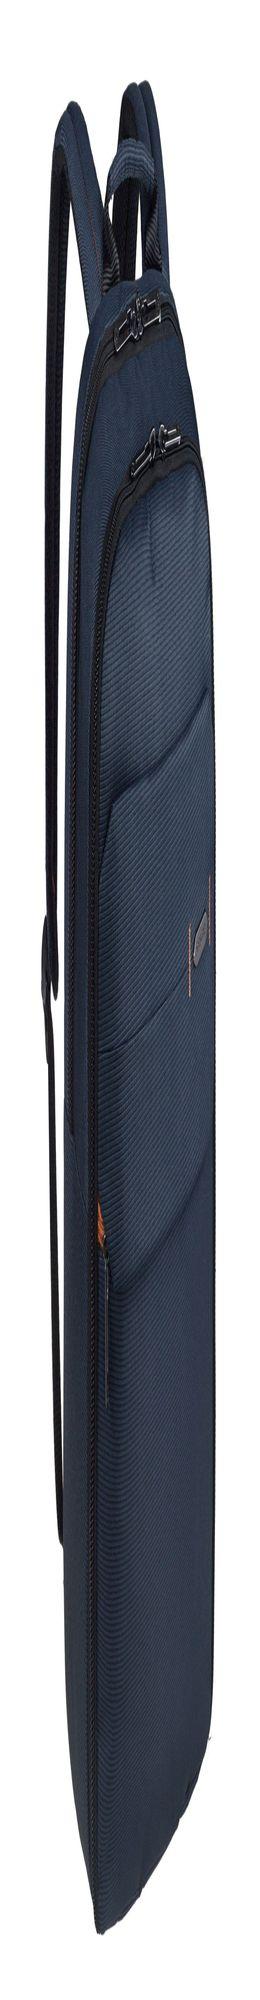 Рюкзак для ноутбука Network 3, синий фото